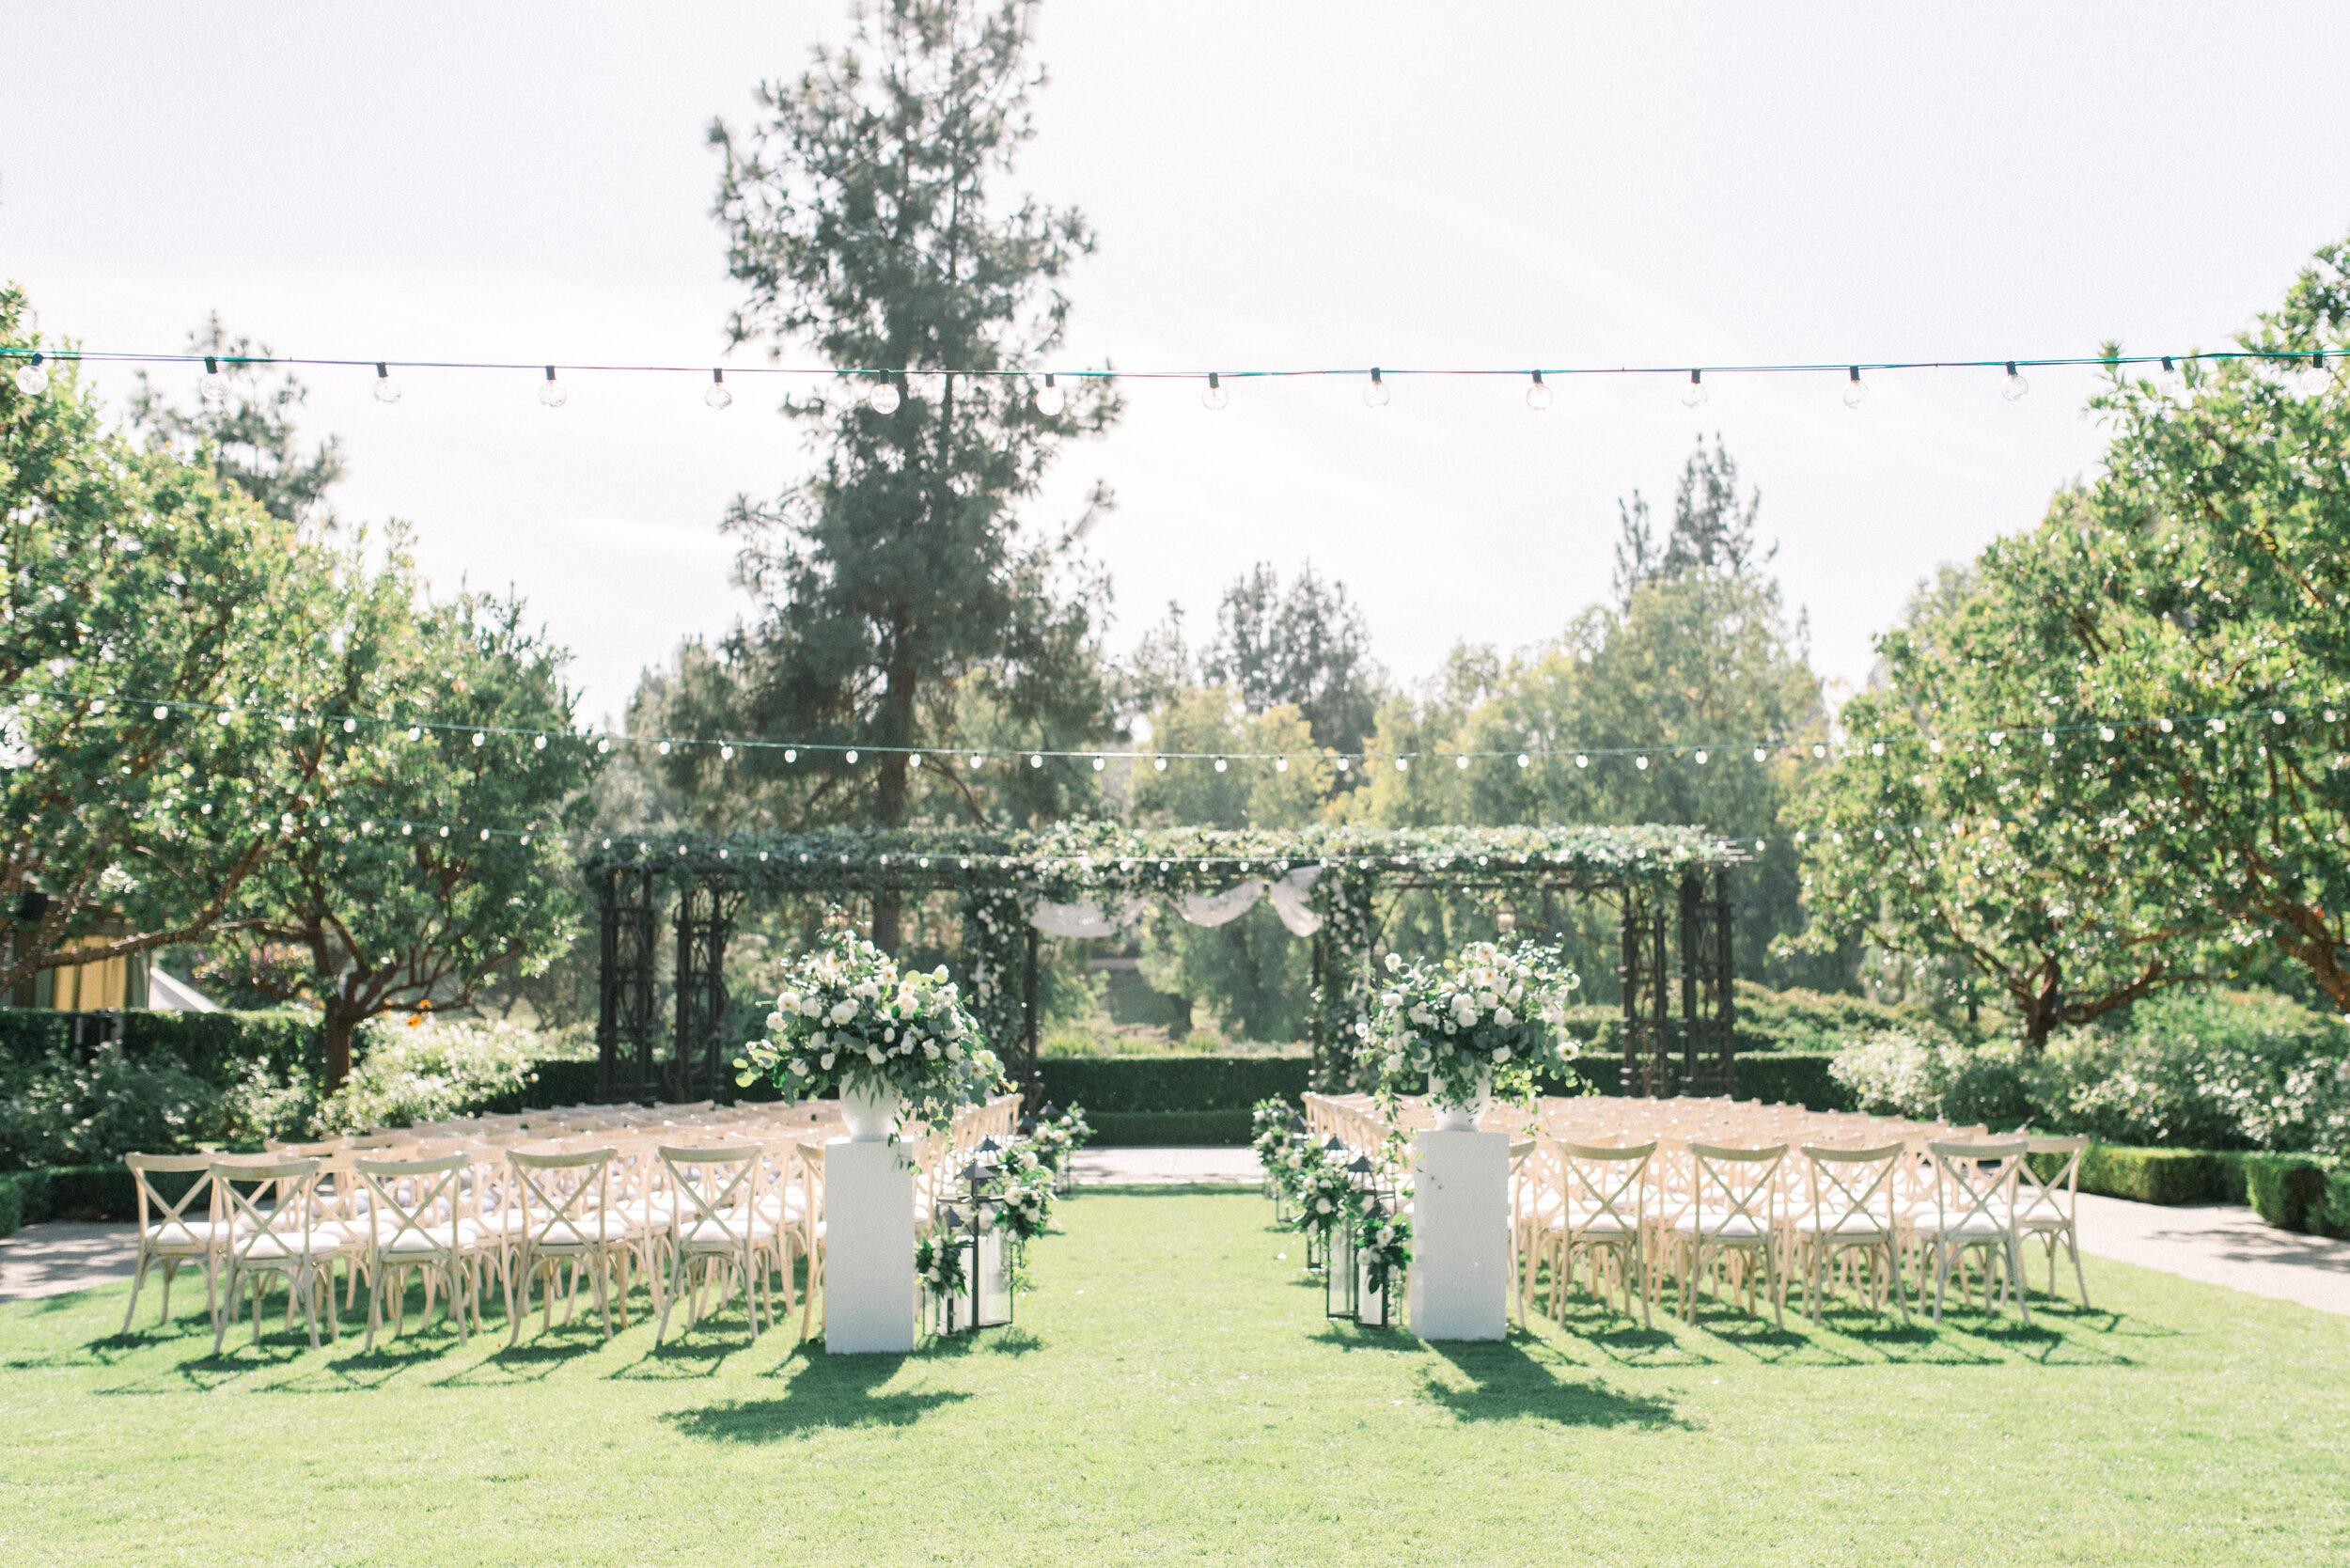 mckenzieandtaylor-wedding-681.jpg